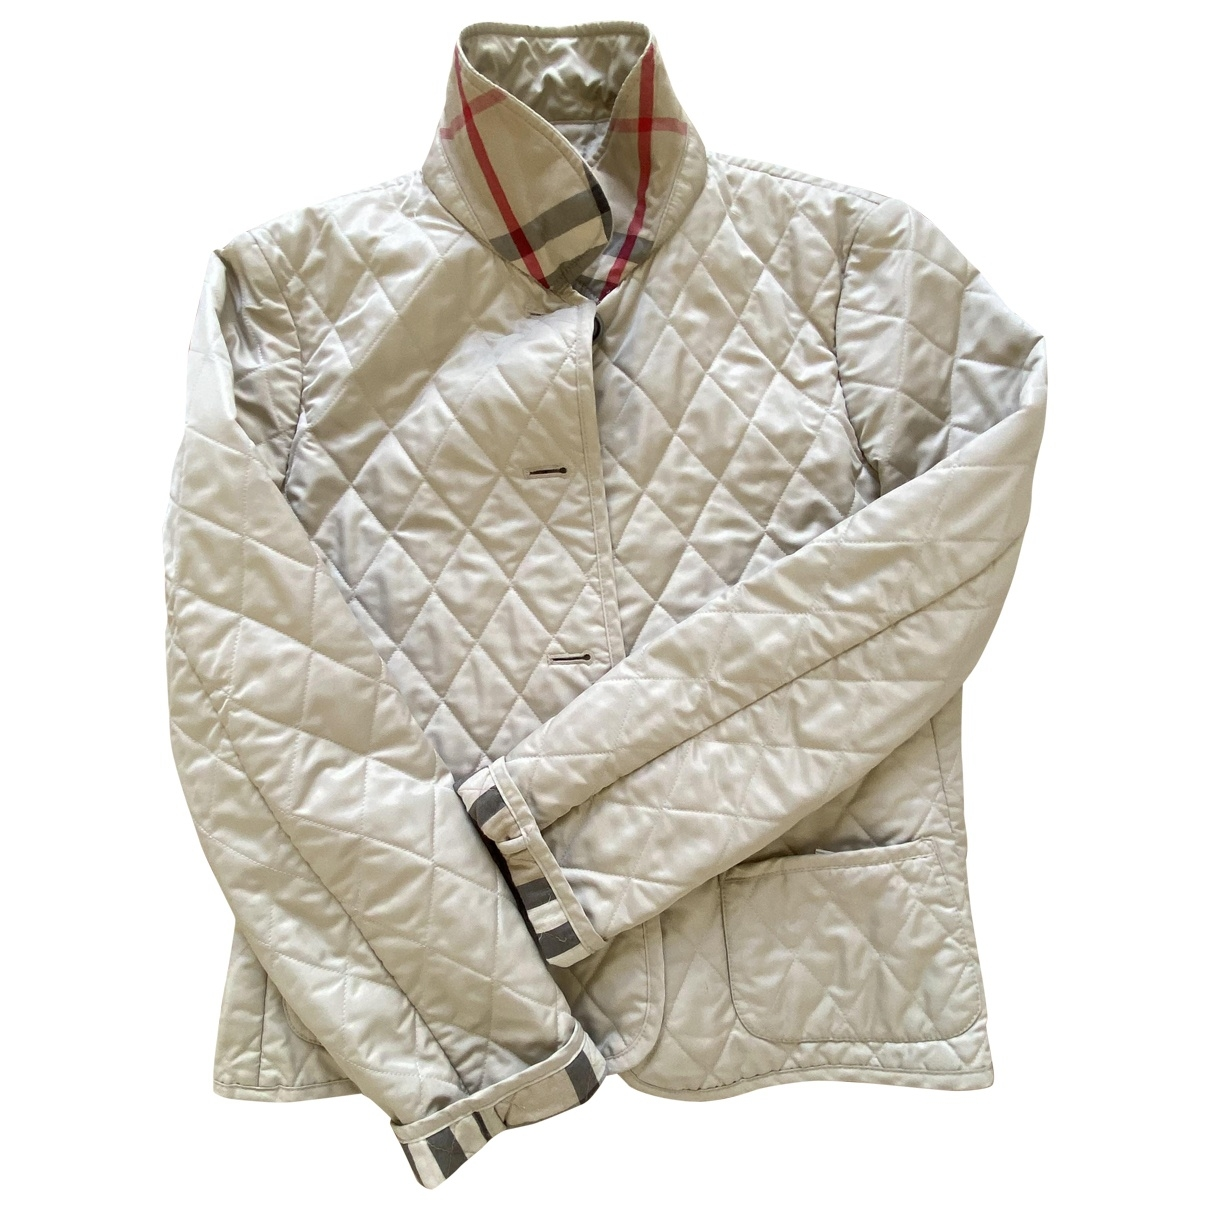 Burberry \N Beige jacket for Women L International